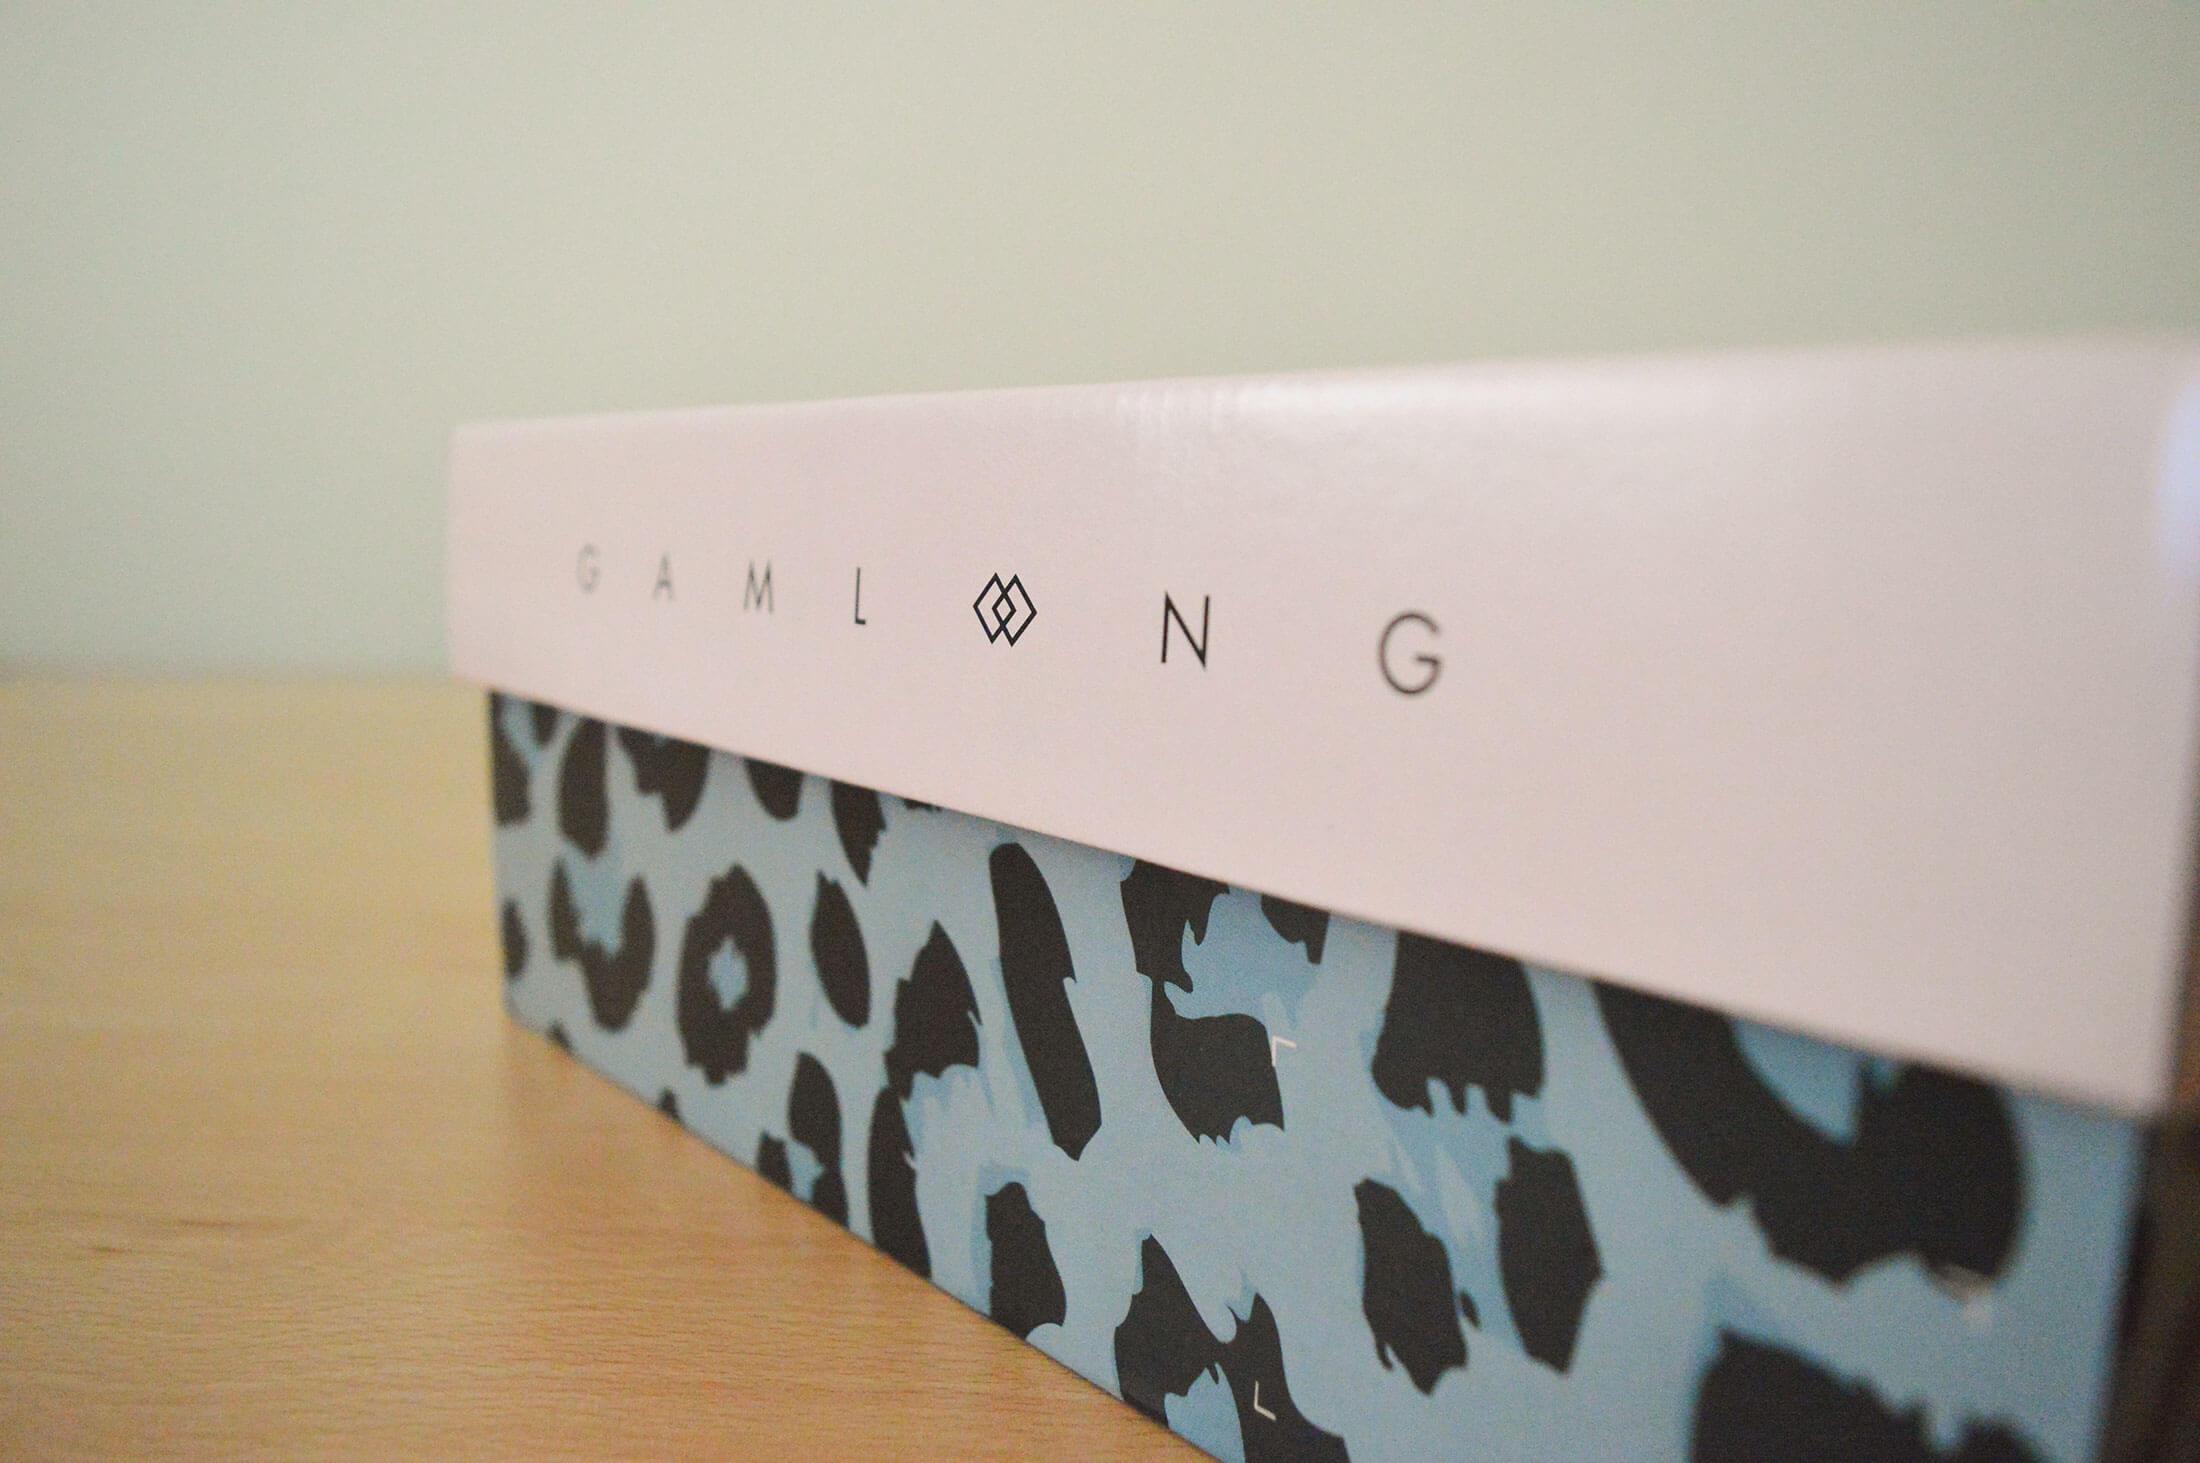 Packaging para Gamloong